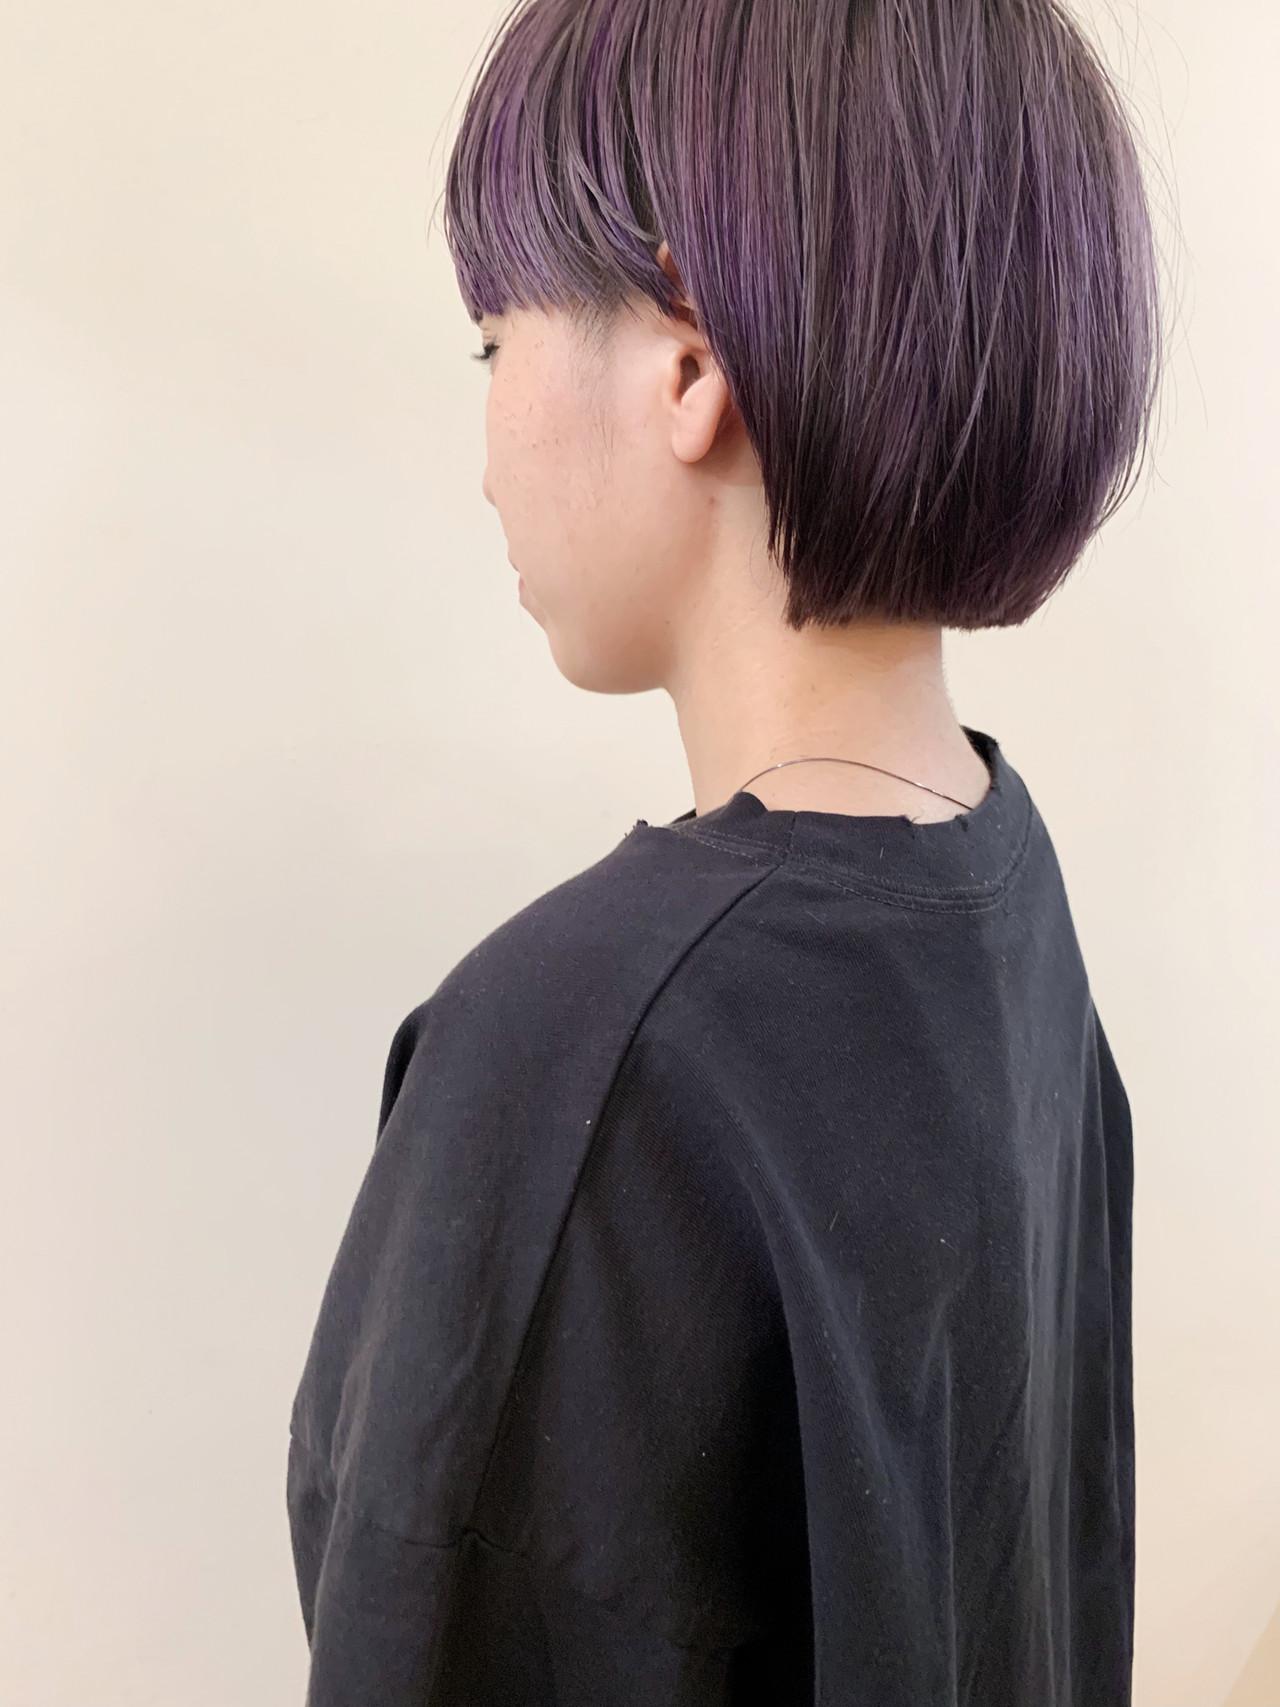 オフィス ショート アウトドア デート ヘアスタイルや髪型の写真・画像 | yumiko/sapporoSKNOW / SKNOW